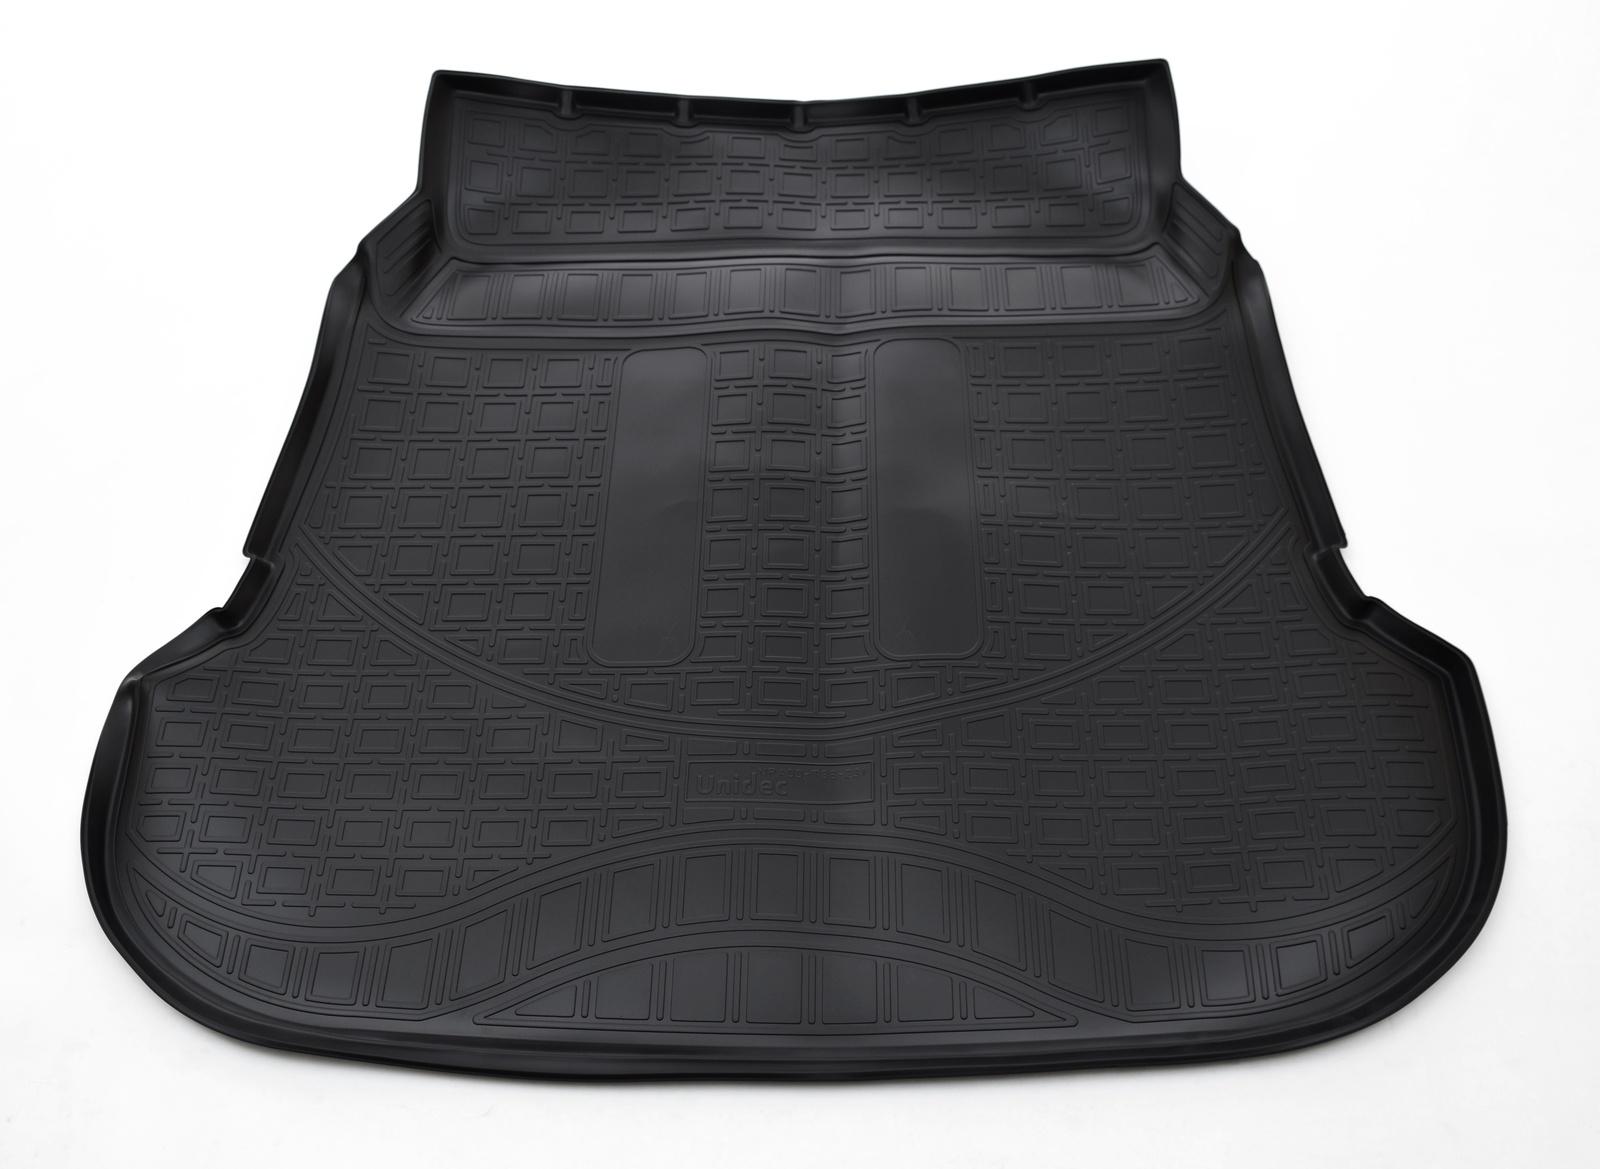 Коврик багажника для Toyota Fortuner (2015) (7 мест) (сложенный 3 ряд) коврик для 7 мест ряд norplast npa00c31521